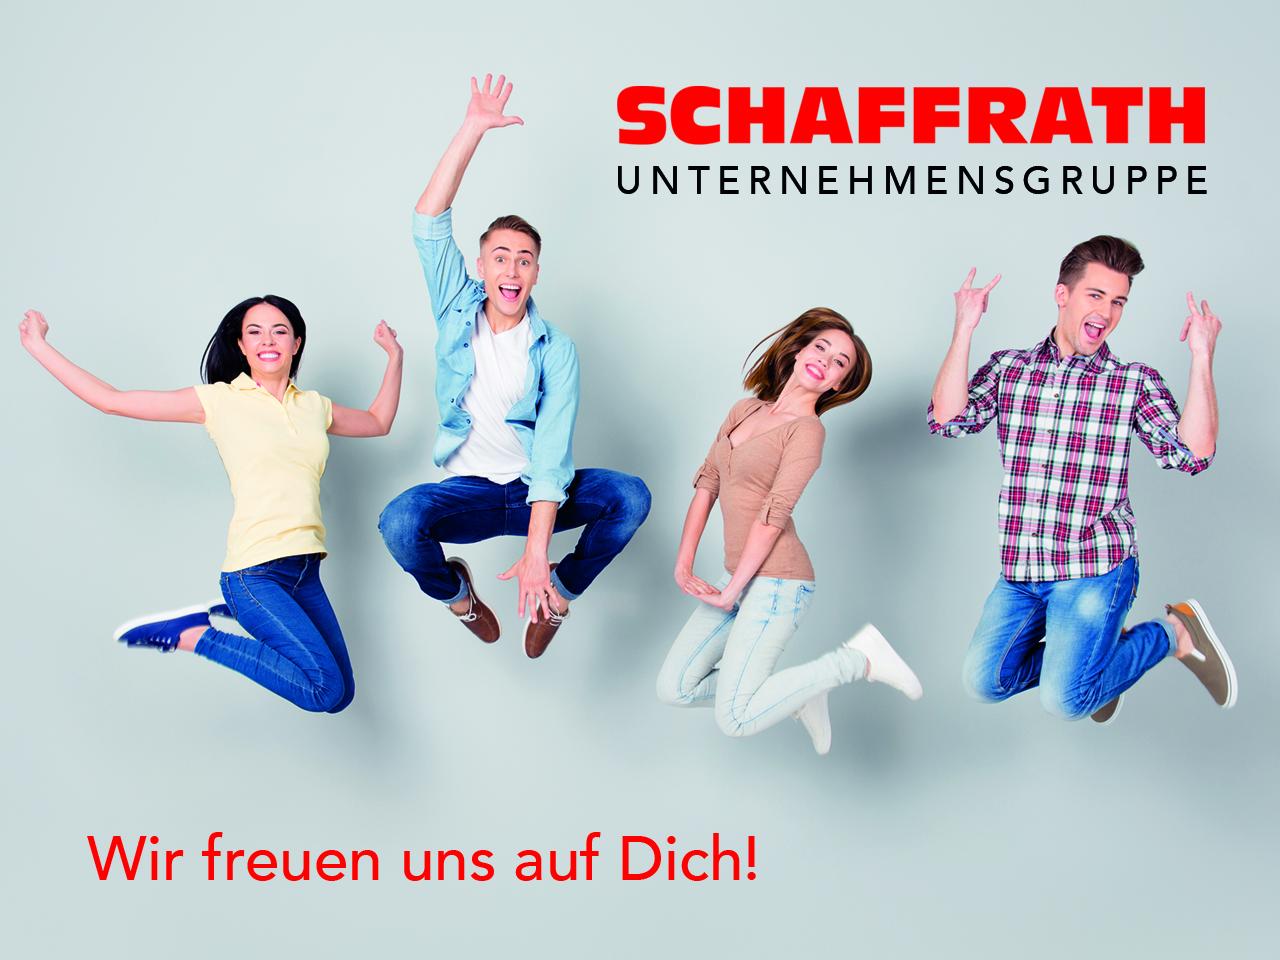 Schaffrath - Wir freuen uns auf Dich!